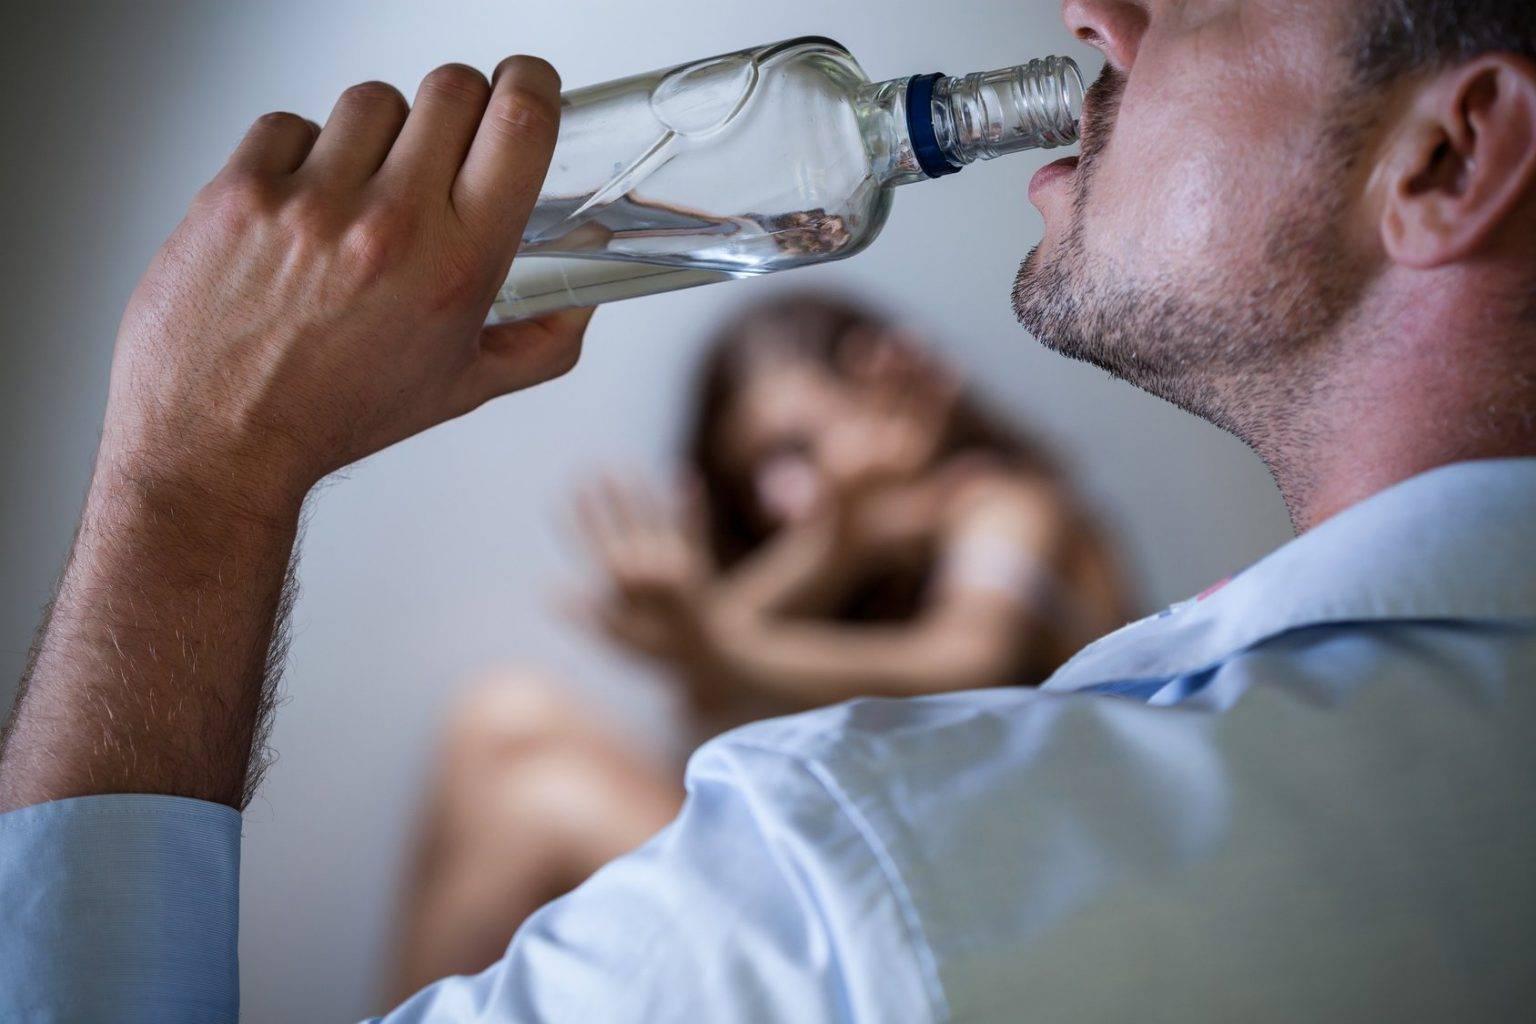 Кодирование от алкоголизма в сургуте по цене от 5000 руб: где можно закодироваться?